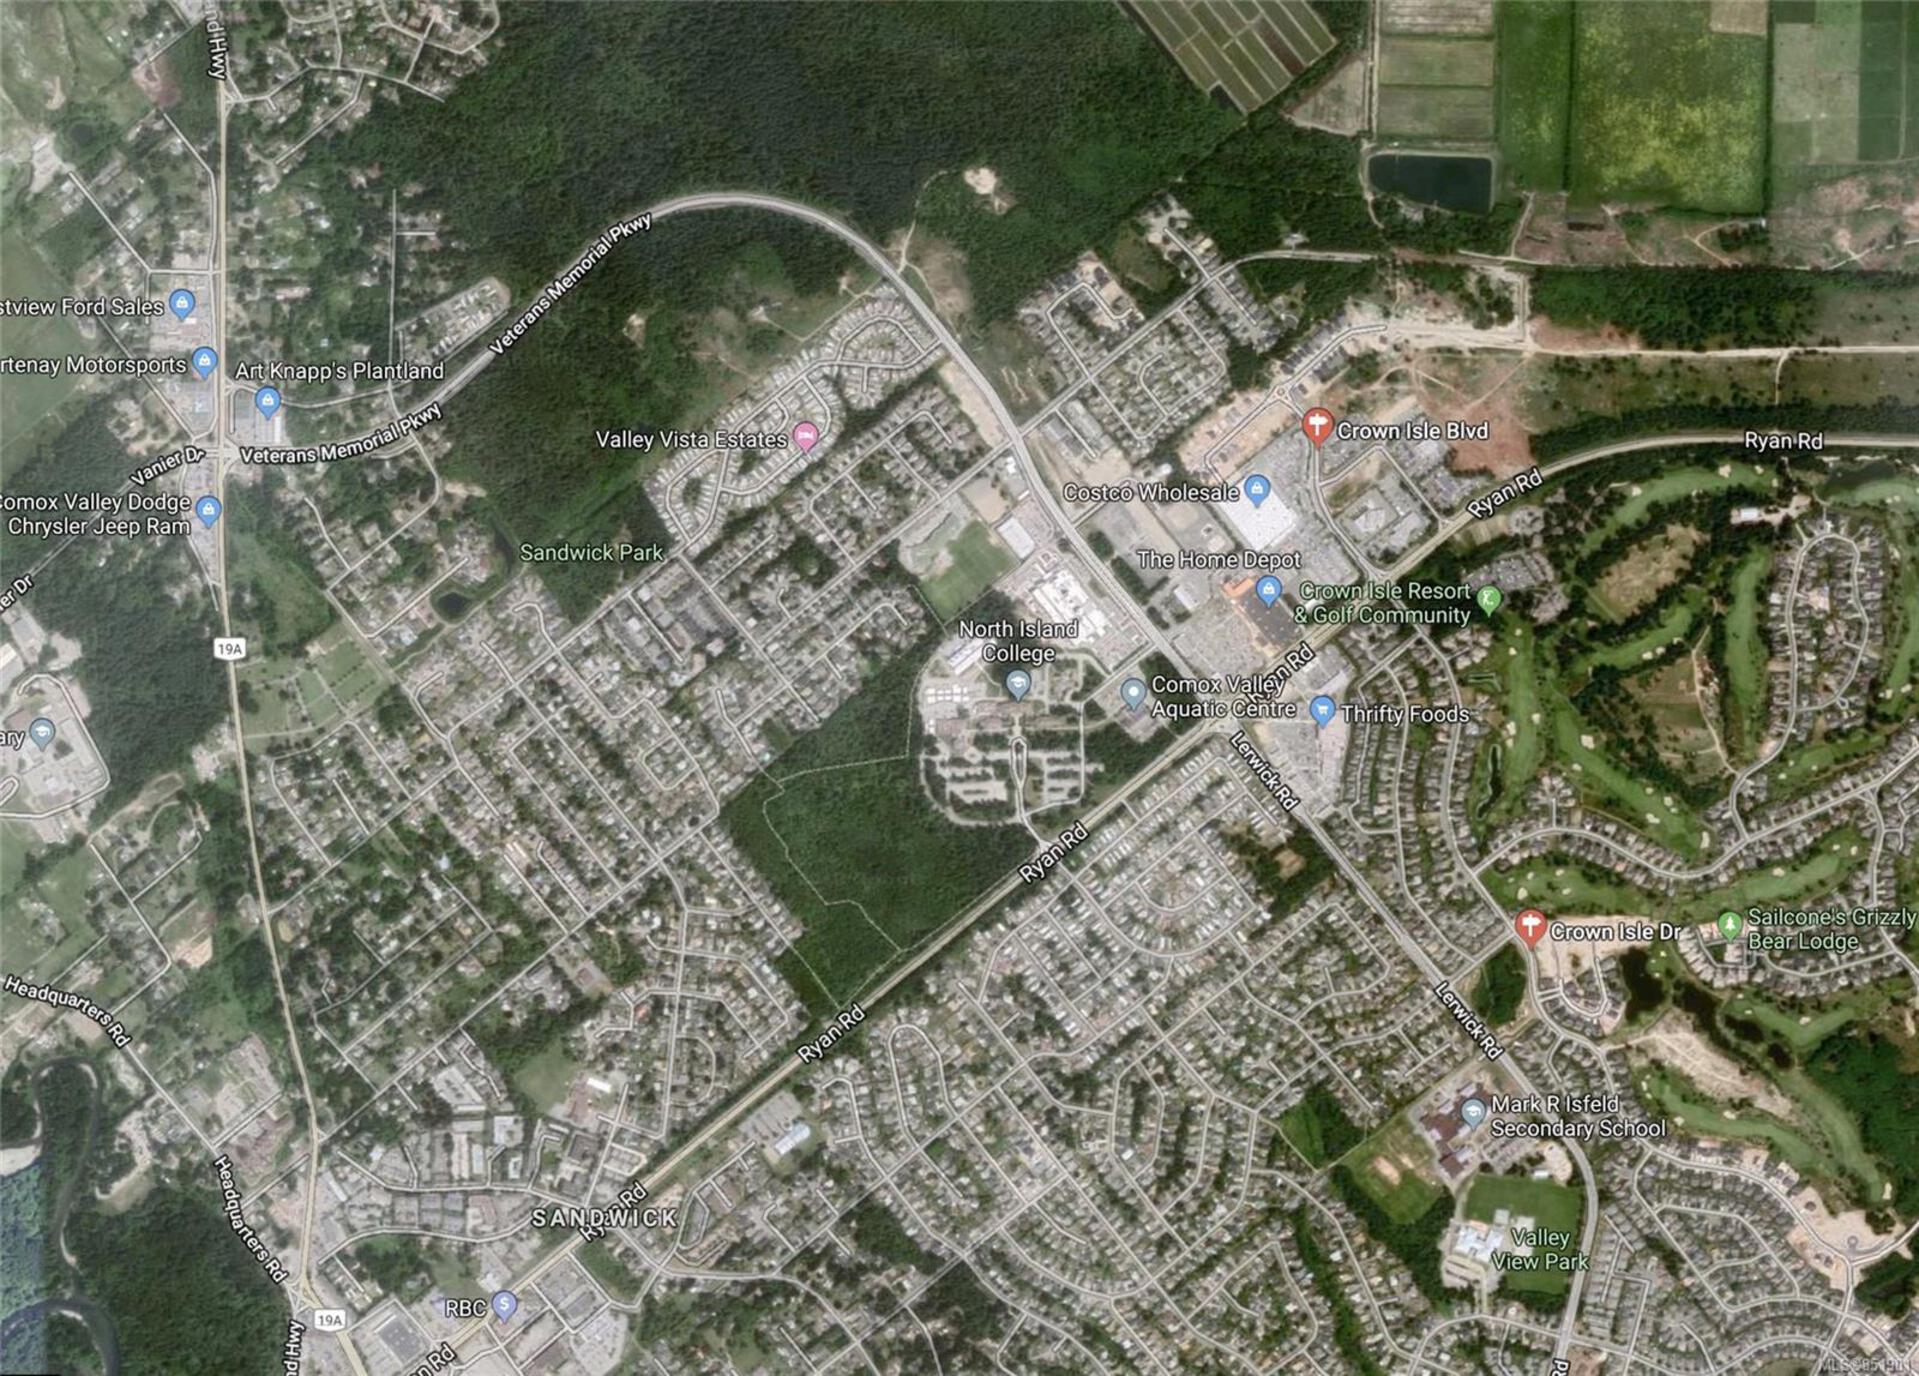 623-crown-isle-boulevard-crown-isle-comox-valley-04 at SL 6 - 623 Crown Isle Boulevard, Crown Isle, Comox Valley